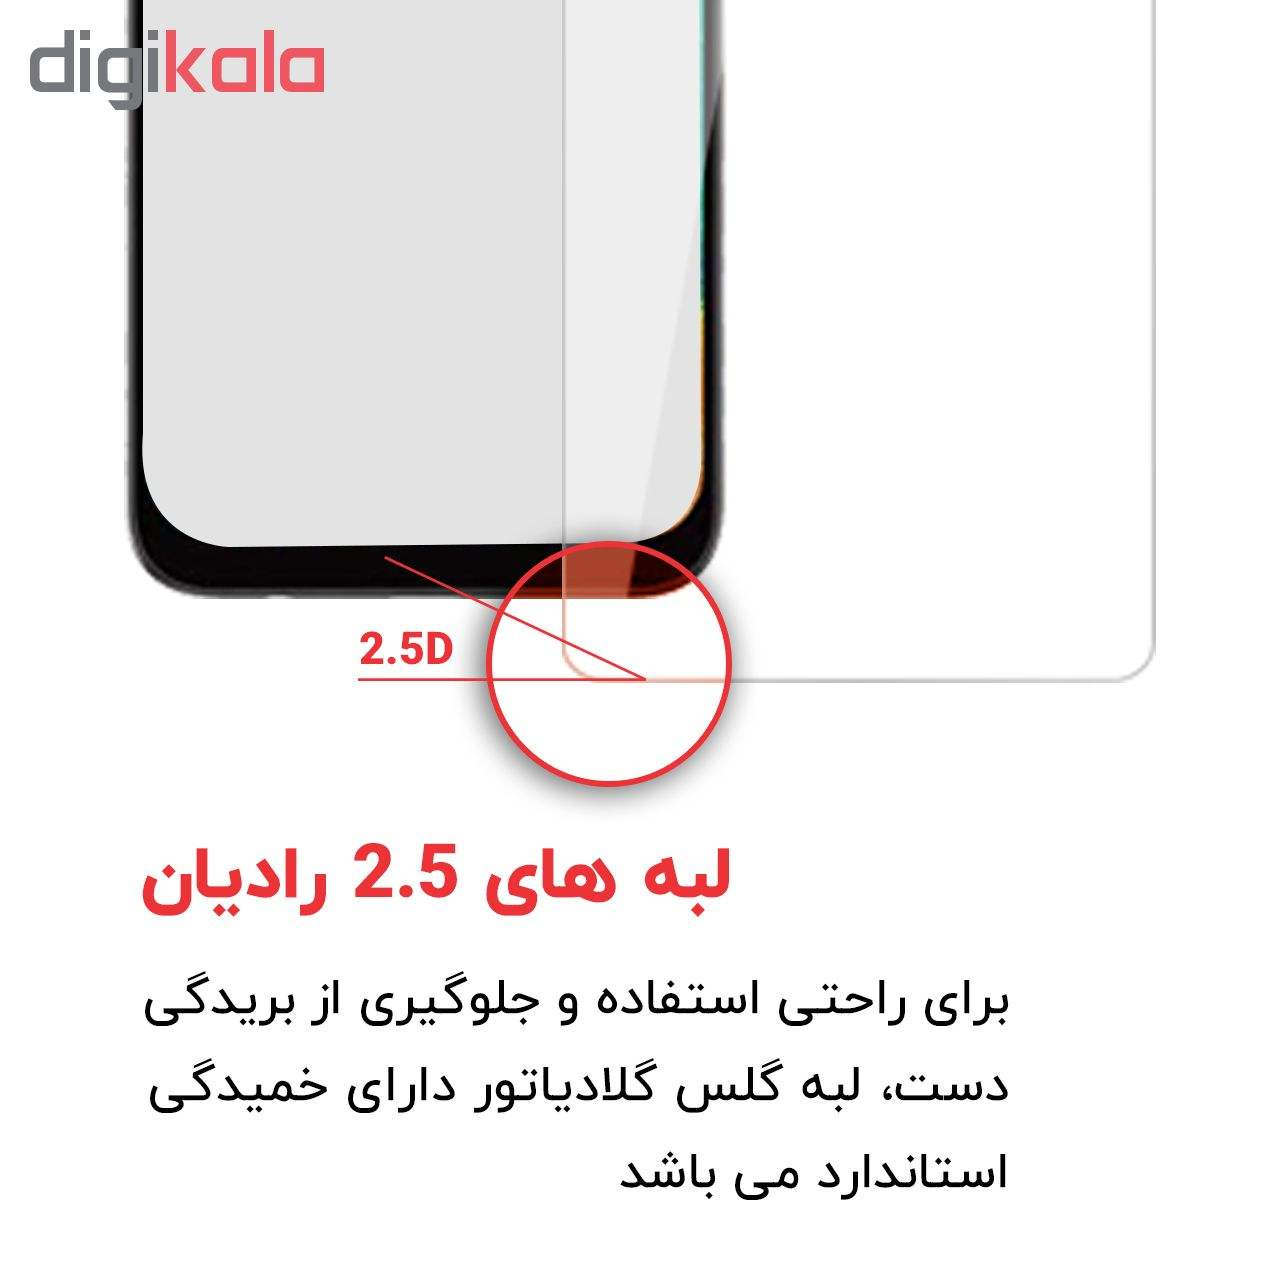 محافظ صفحه نمایش گلادیاتور مدل GPH1000 مناسب برای گوشی موبایل هوآوی Nova 3e main 1 6